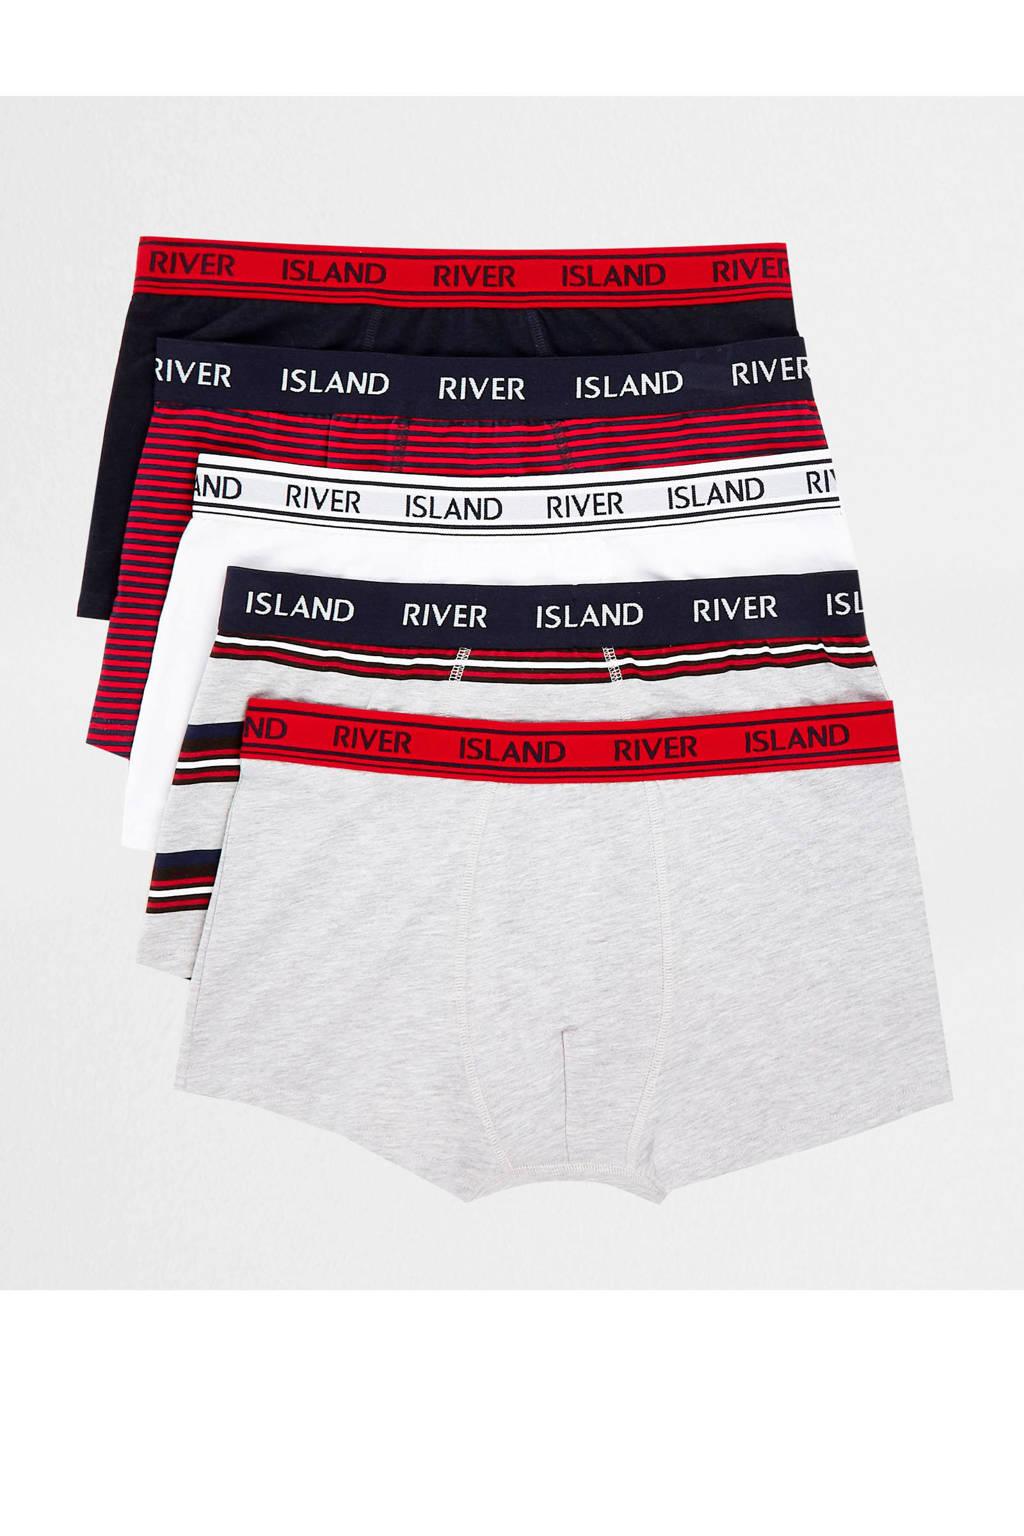 River Island boxershort (set van 5), Grijs/wit/rood/marine